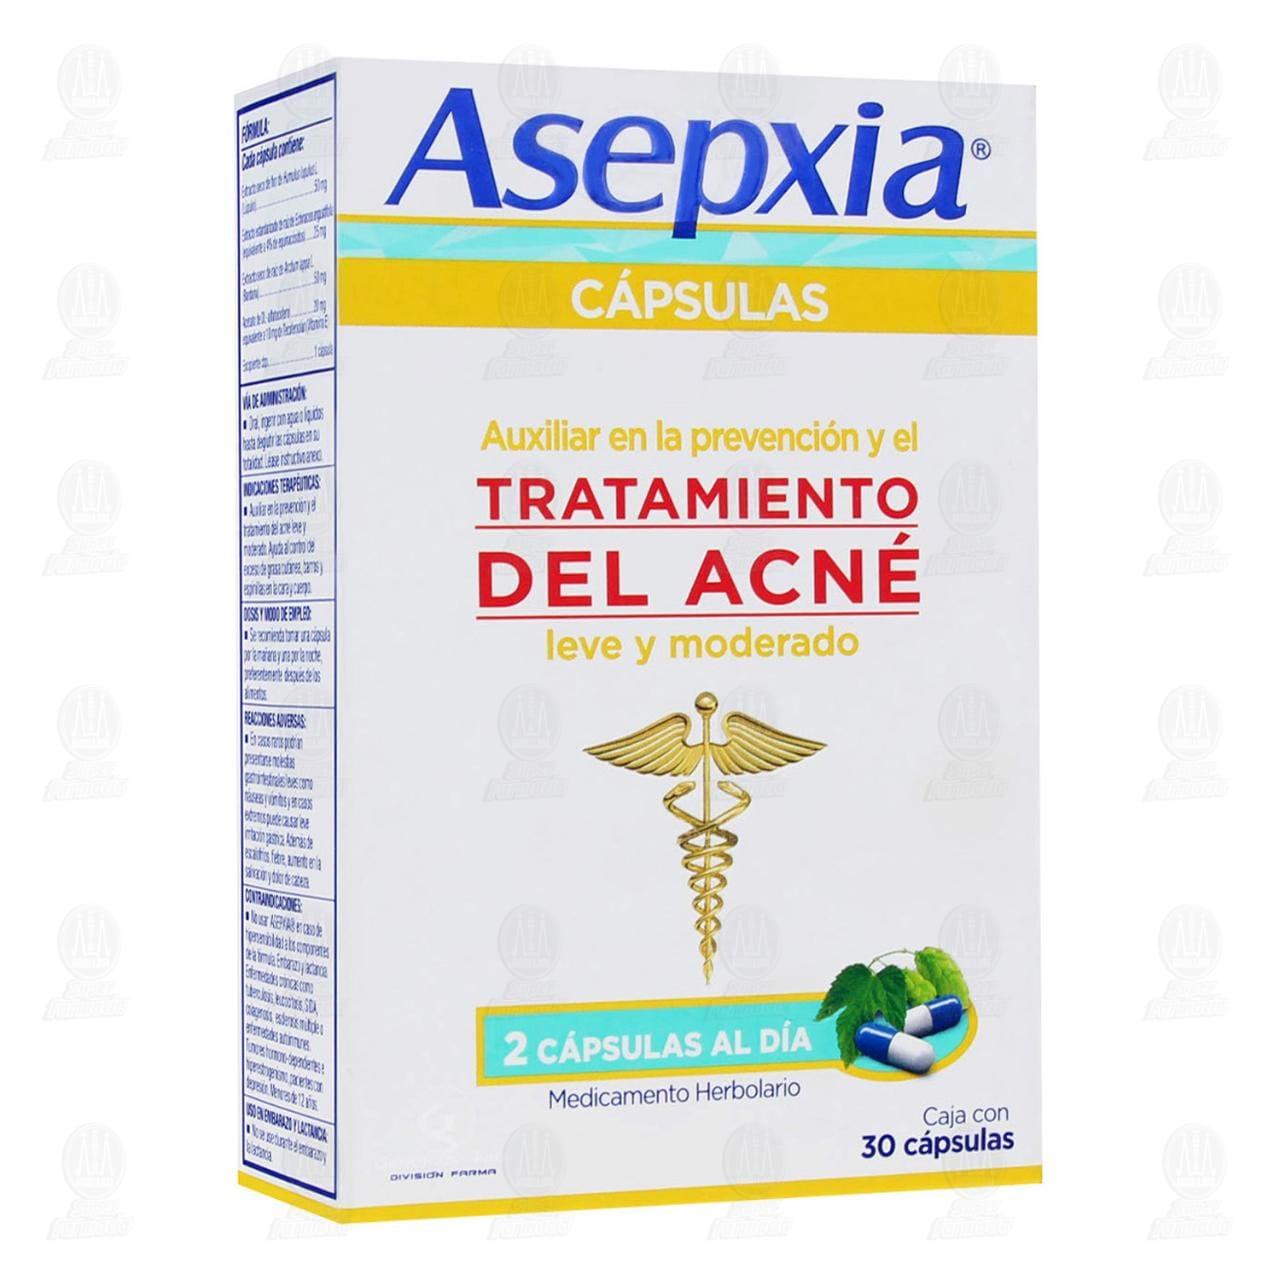 Comprar Asepxia 30 Cápsulas en Farmacias Guadalajara